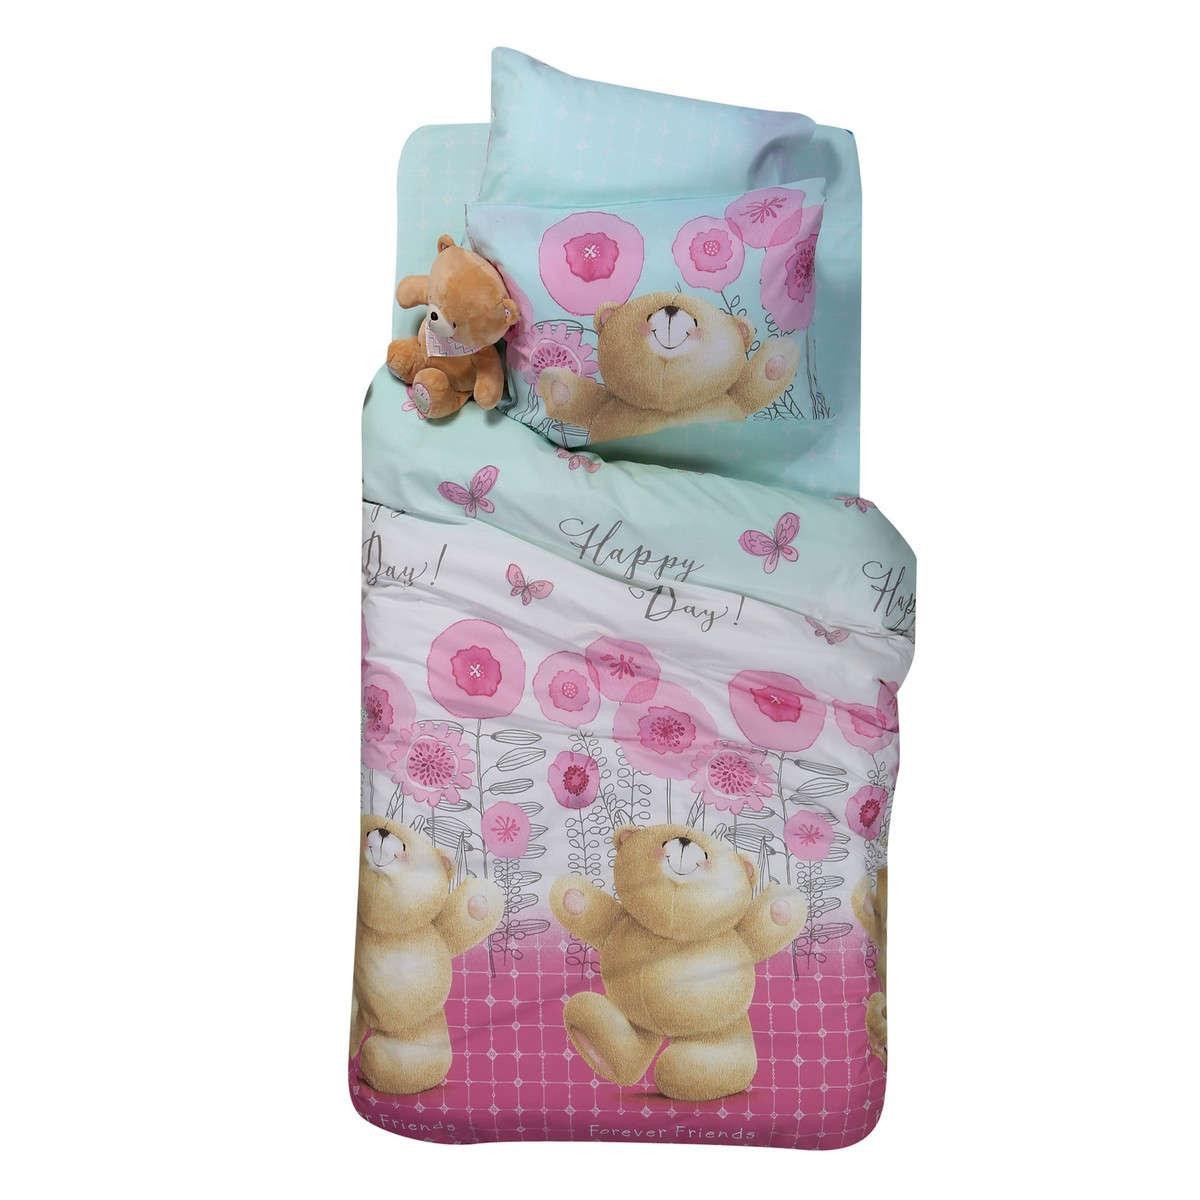 Σεντόνι Παιδικό Forever Happy Day Σετ Pink Nef-Nef Μονό 160x260cm